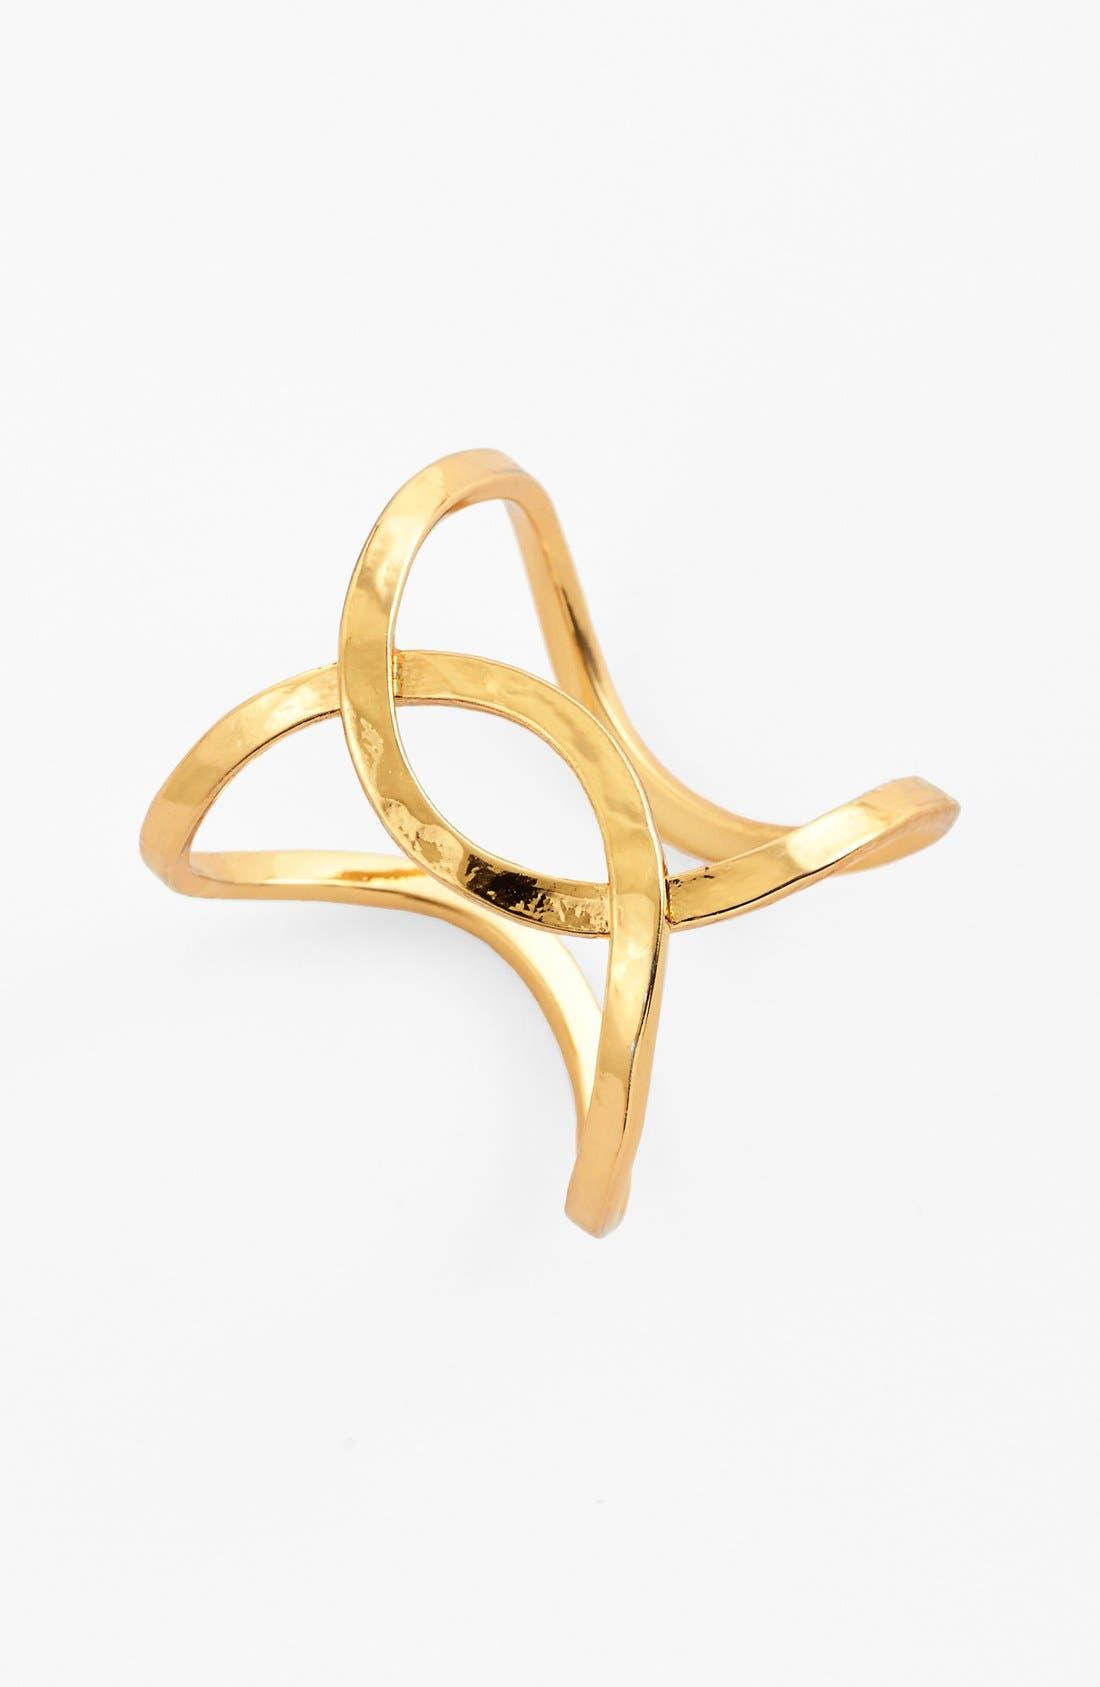 Alternate Image 1 Selected - gorjana 'Taner' Interlocking Ring